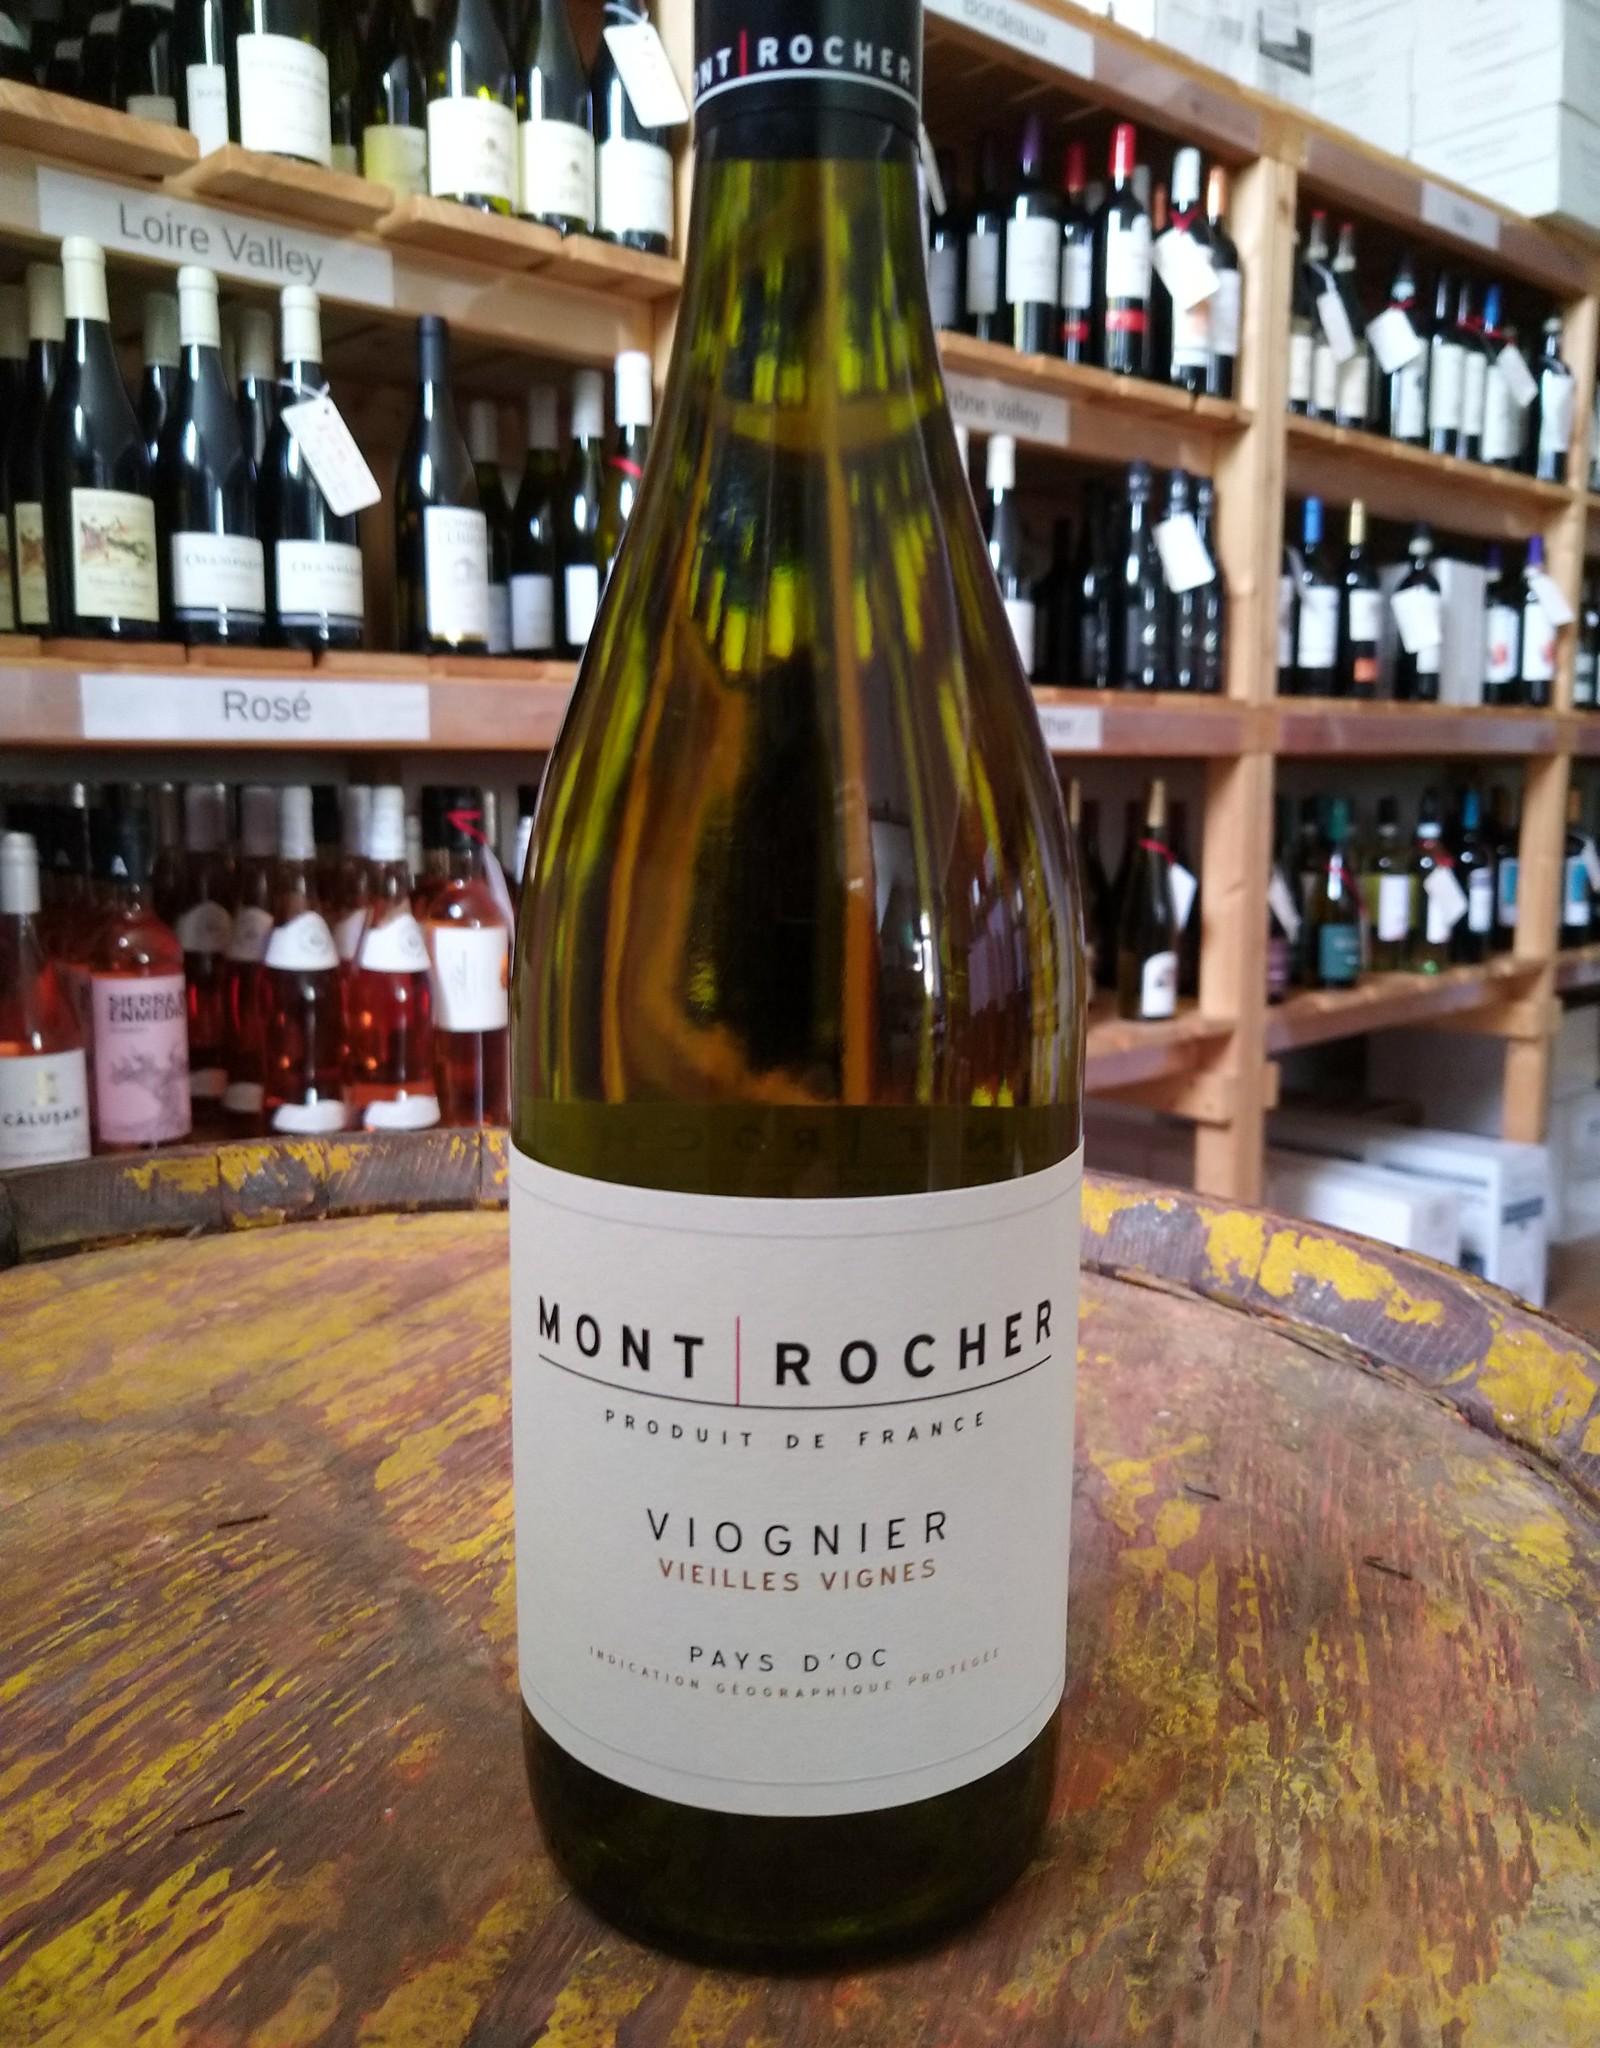 Mont Rocher Viognier Vieilles Vignes, Pays d'Oc